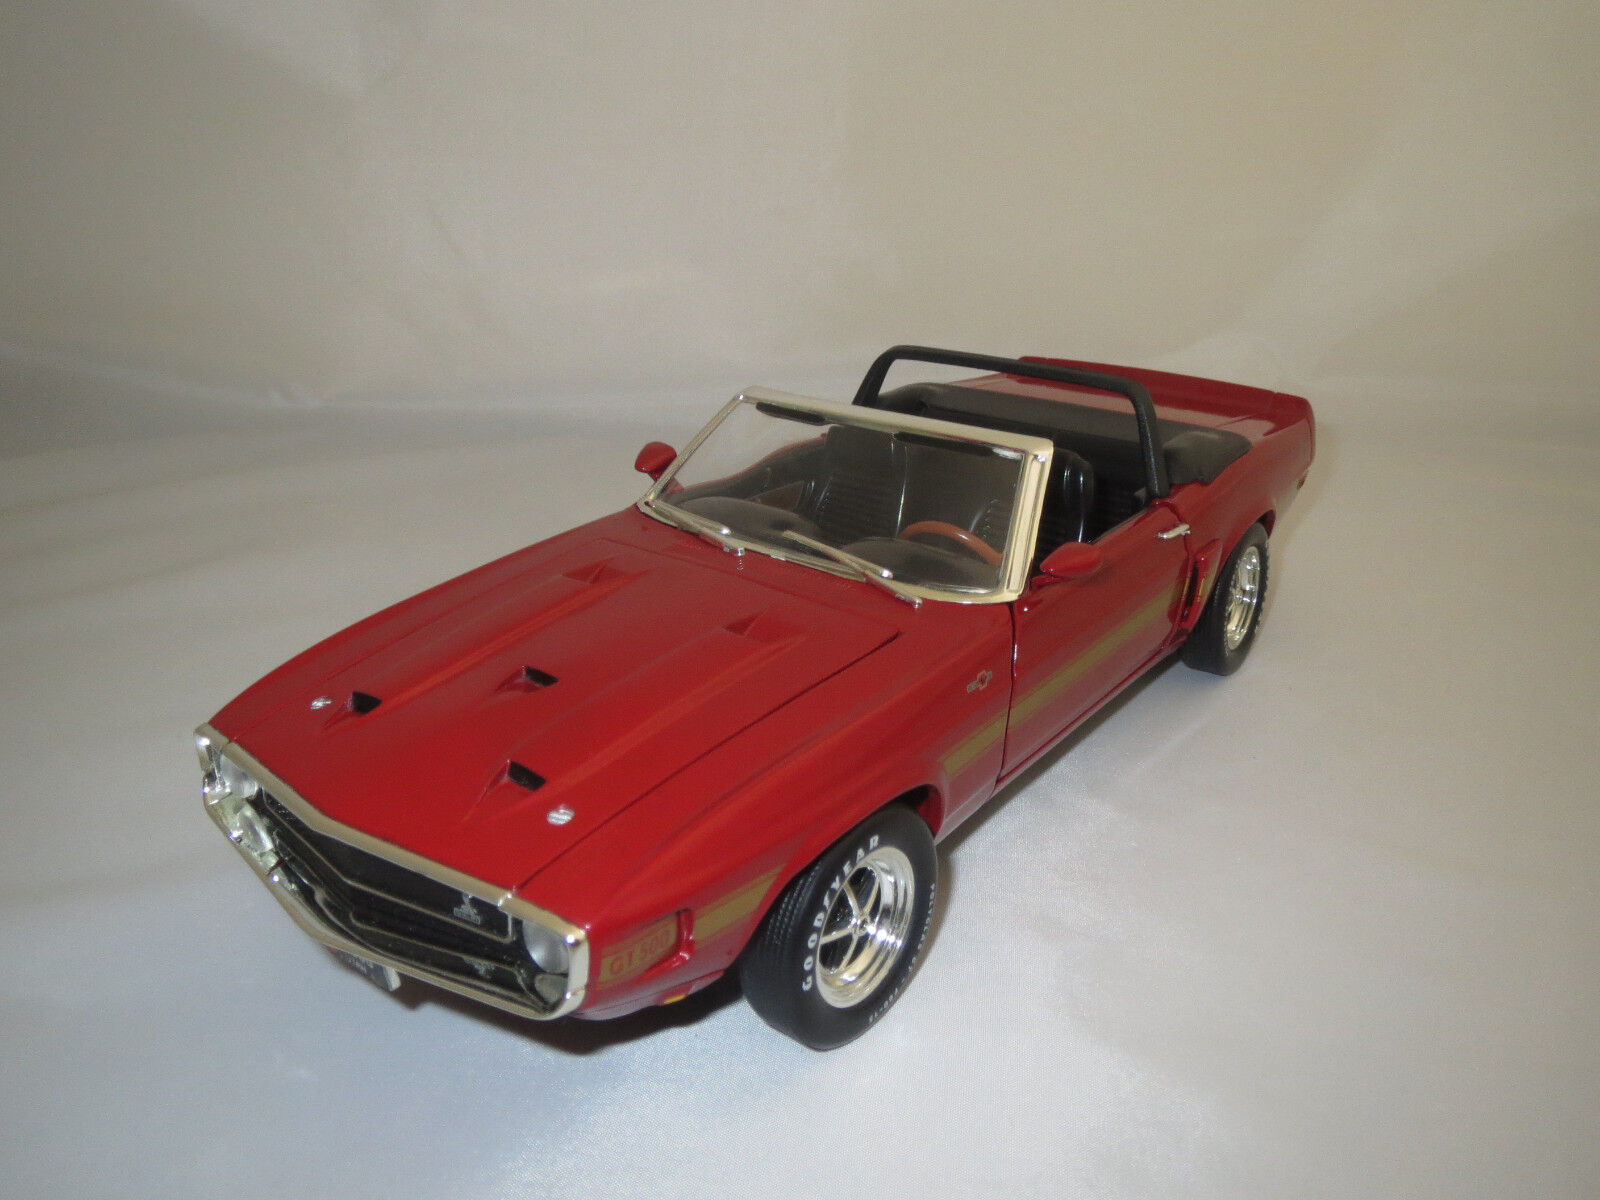 varie dimensioni ERTL American Muscle  1969  Shelby gt-500    ROSSO oro  1 18 senza imbtuttiaggio   negozio a basso costo